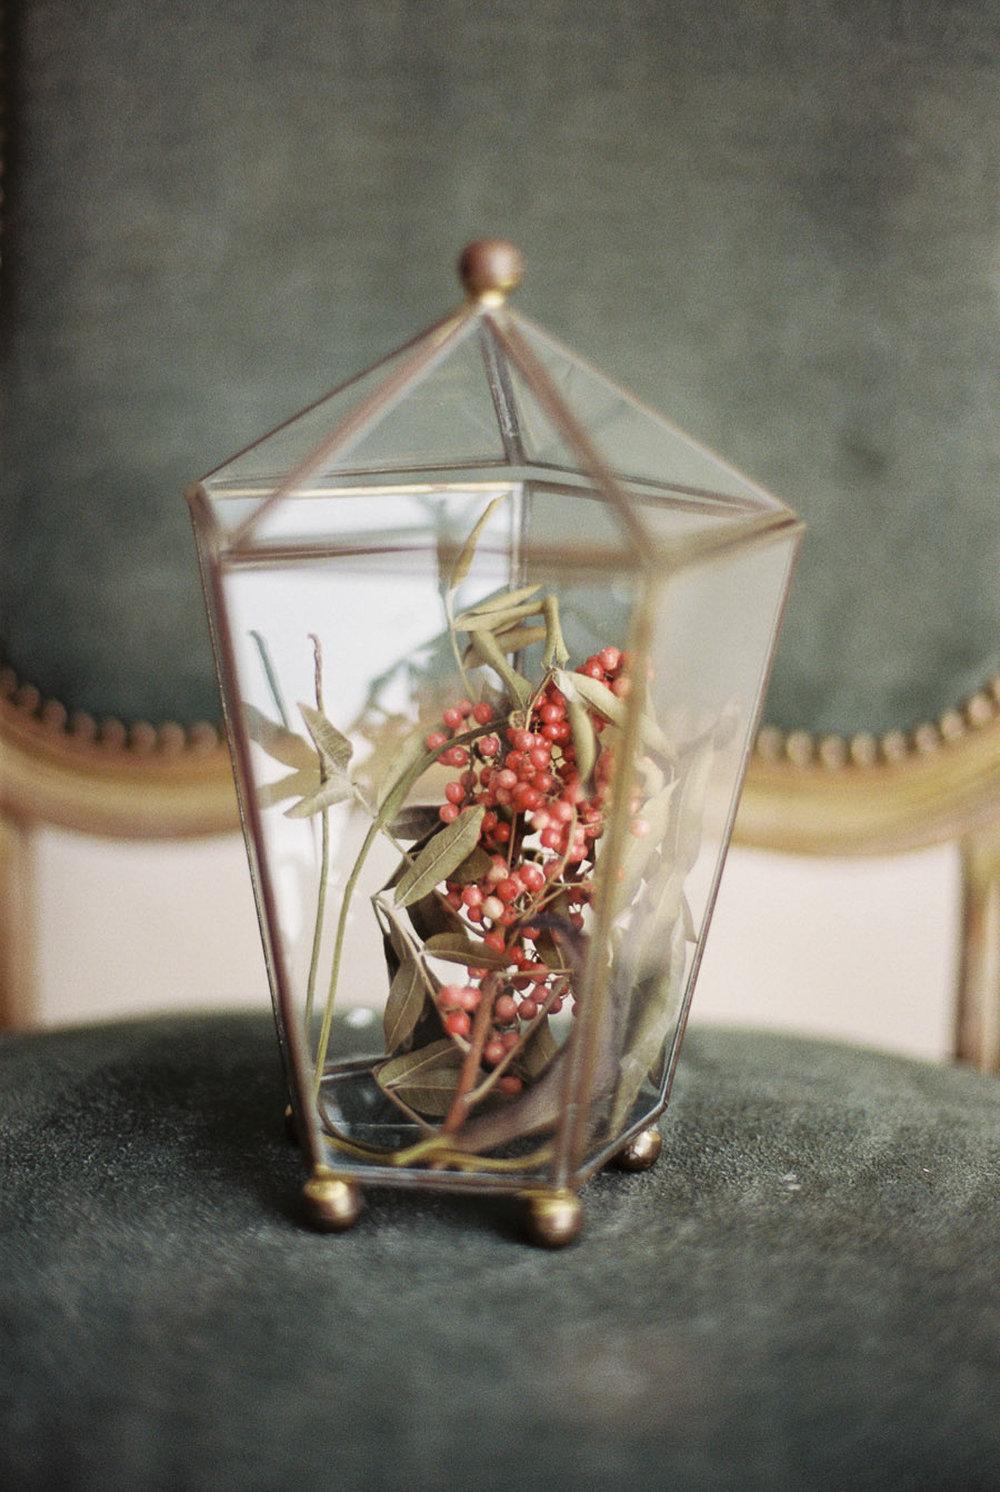 Lara_Lam_Vintage_Heirloom_wedding_photographer_Etablir_shop_vintage_rental19.jpg